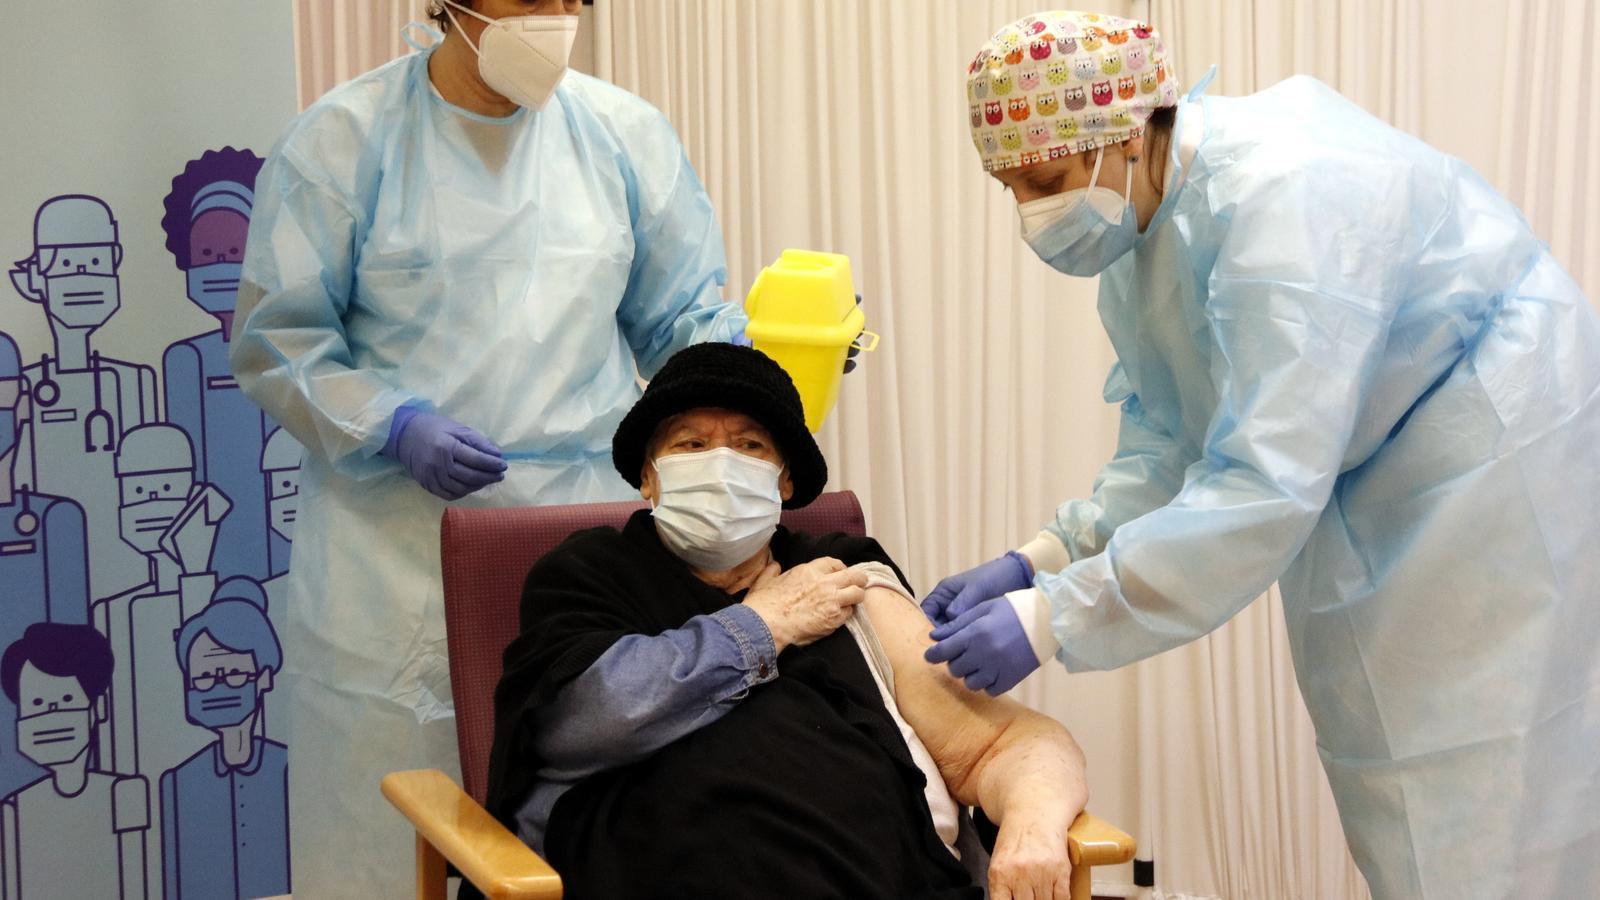 La Milagros Garcia, la primera persona vacunada del covid-19 a la demarcació de Lleida, durant la vacunació a la residència Balafia I, el 27 de desembre del 2020.